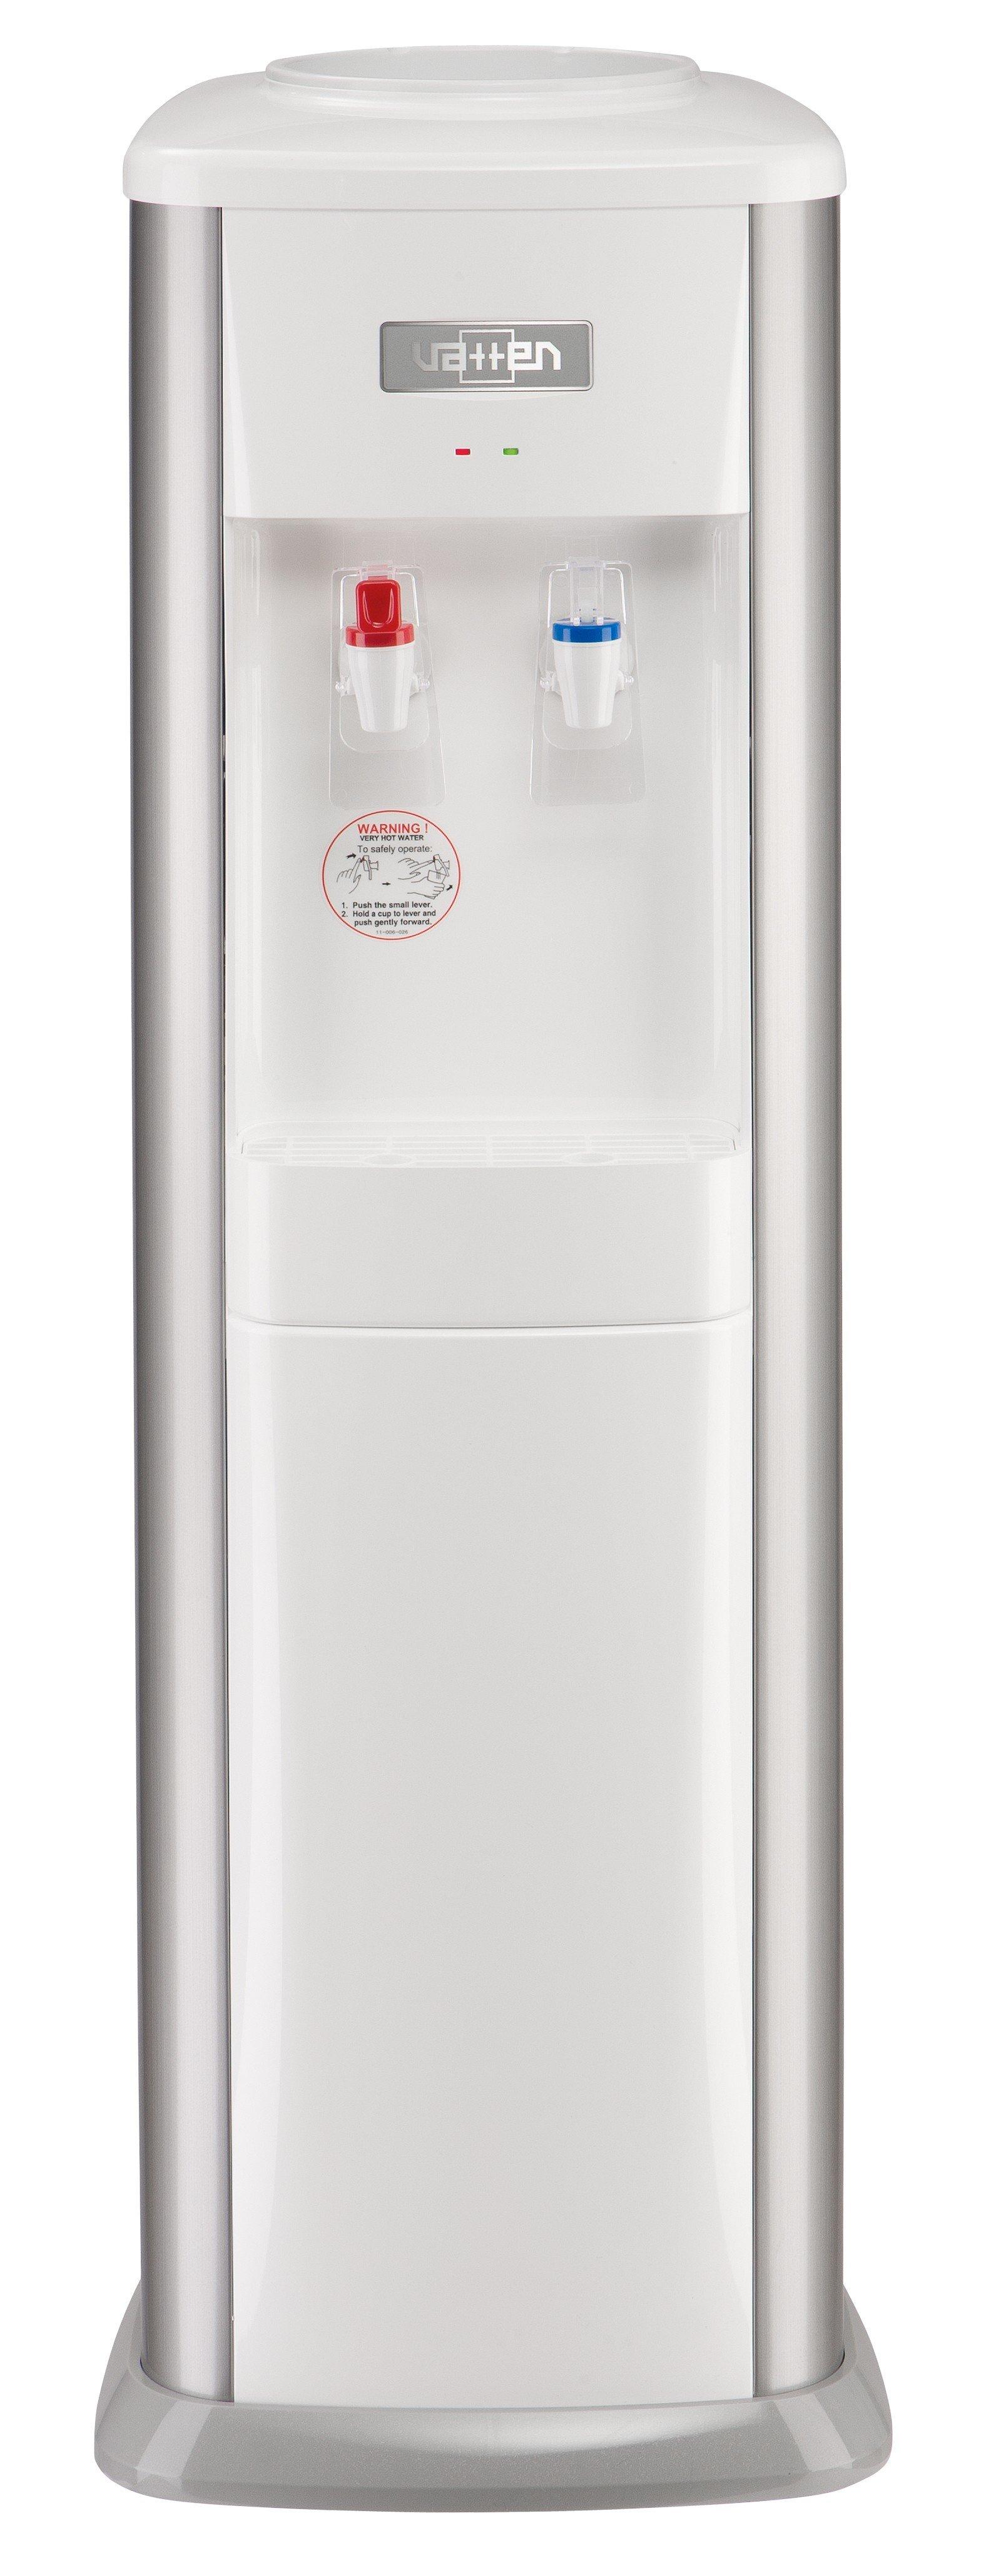 Кулер для воды Vatten V21SK напольный, с нагревом и охлаждением